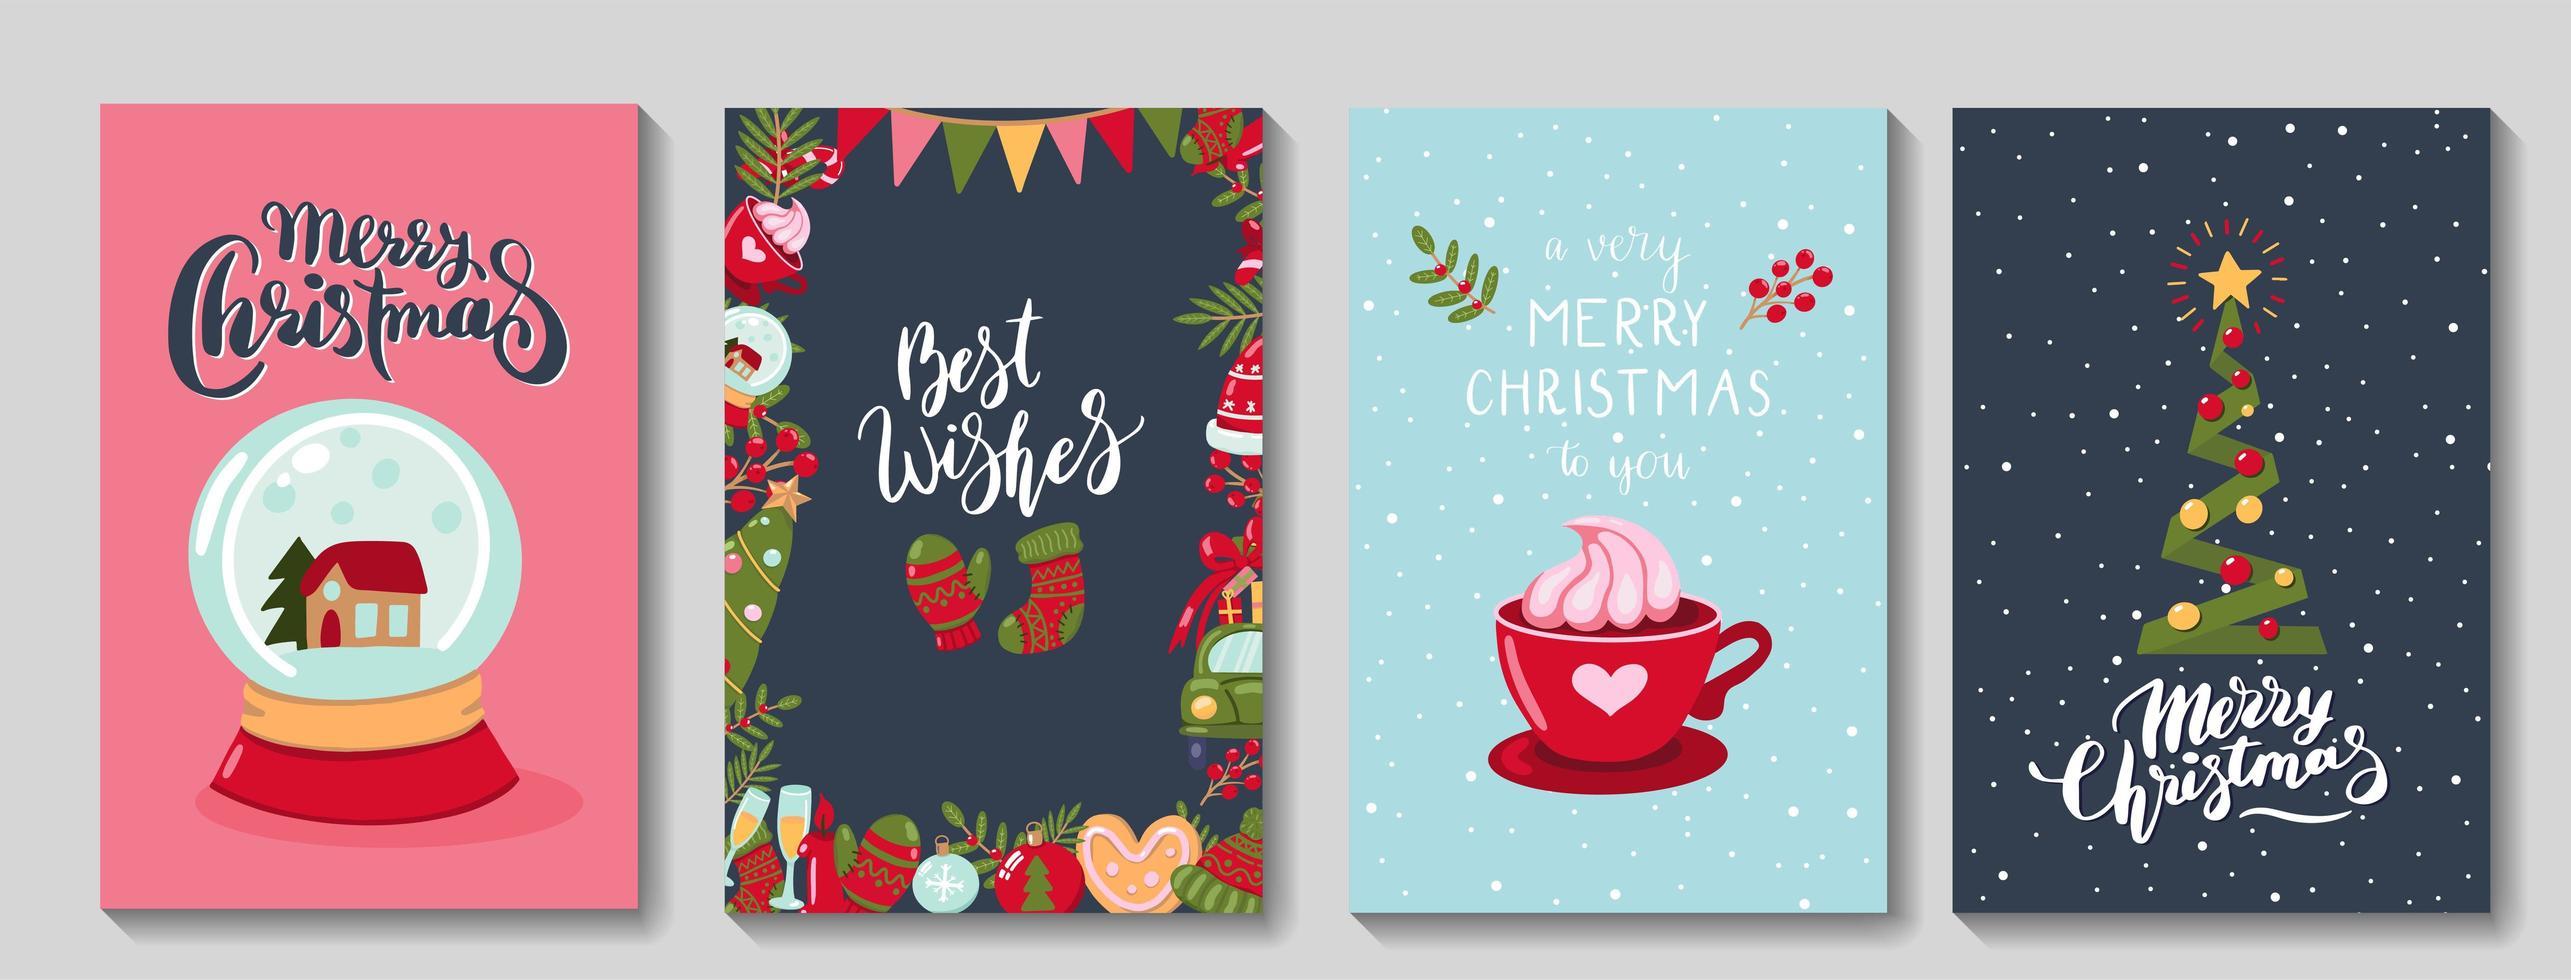 Satz frohe Weihnachten Grußkarten vektor